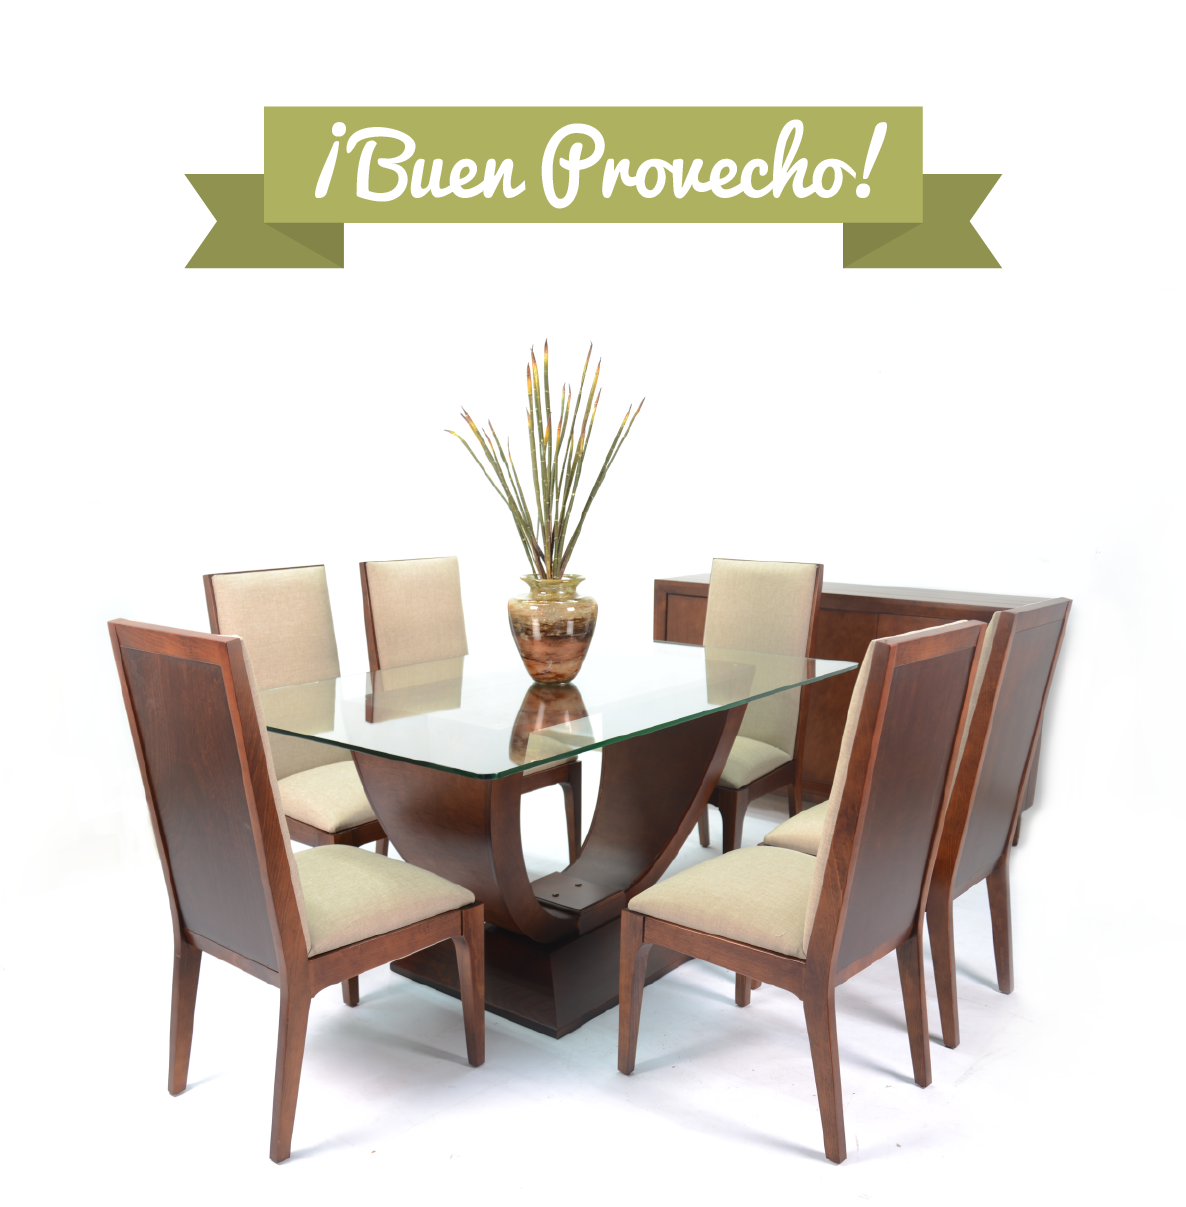 Comedor moderno dise o de interiores pinterest - Comedores diseno moderno ...